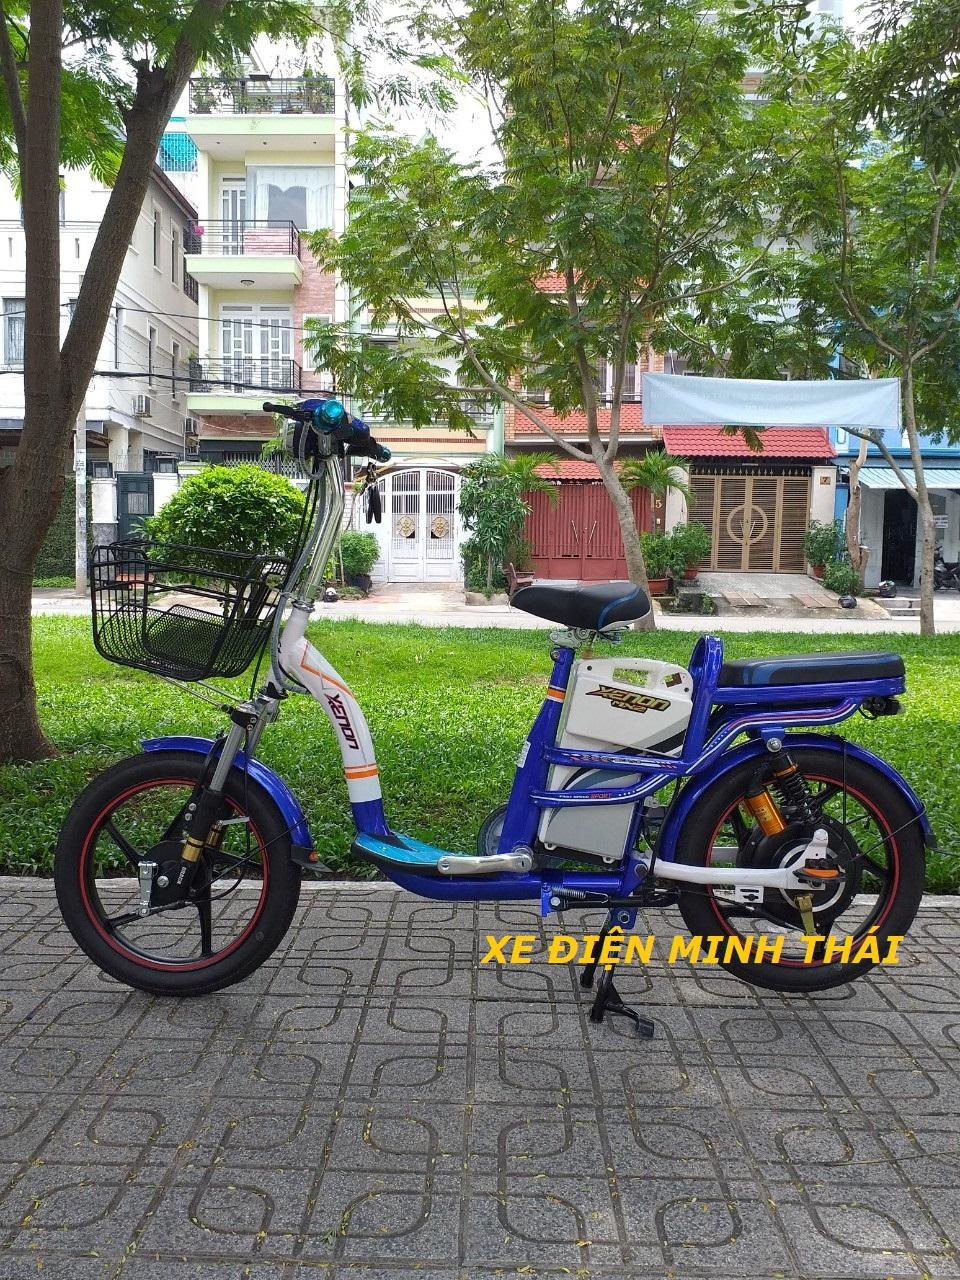 Mua xe đạp điện hiệu XENON giá tốt- không phí vận sài gòn- xe đạp điện - xe điện XENON- xe đạp điện HK bike - xe điện mẫu HK bike